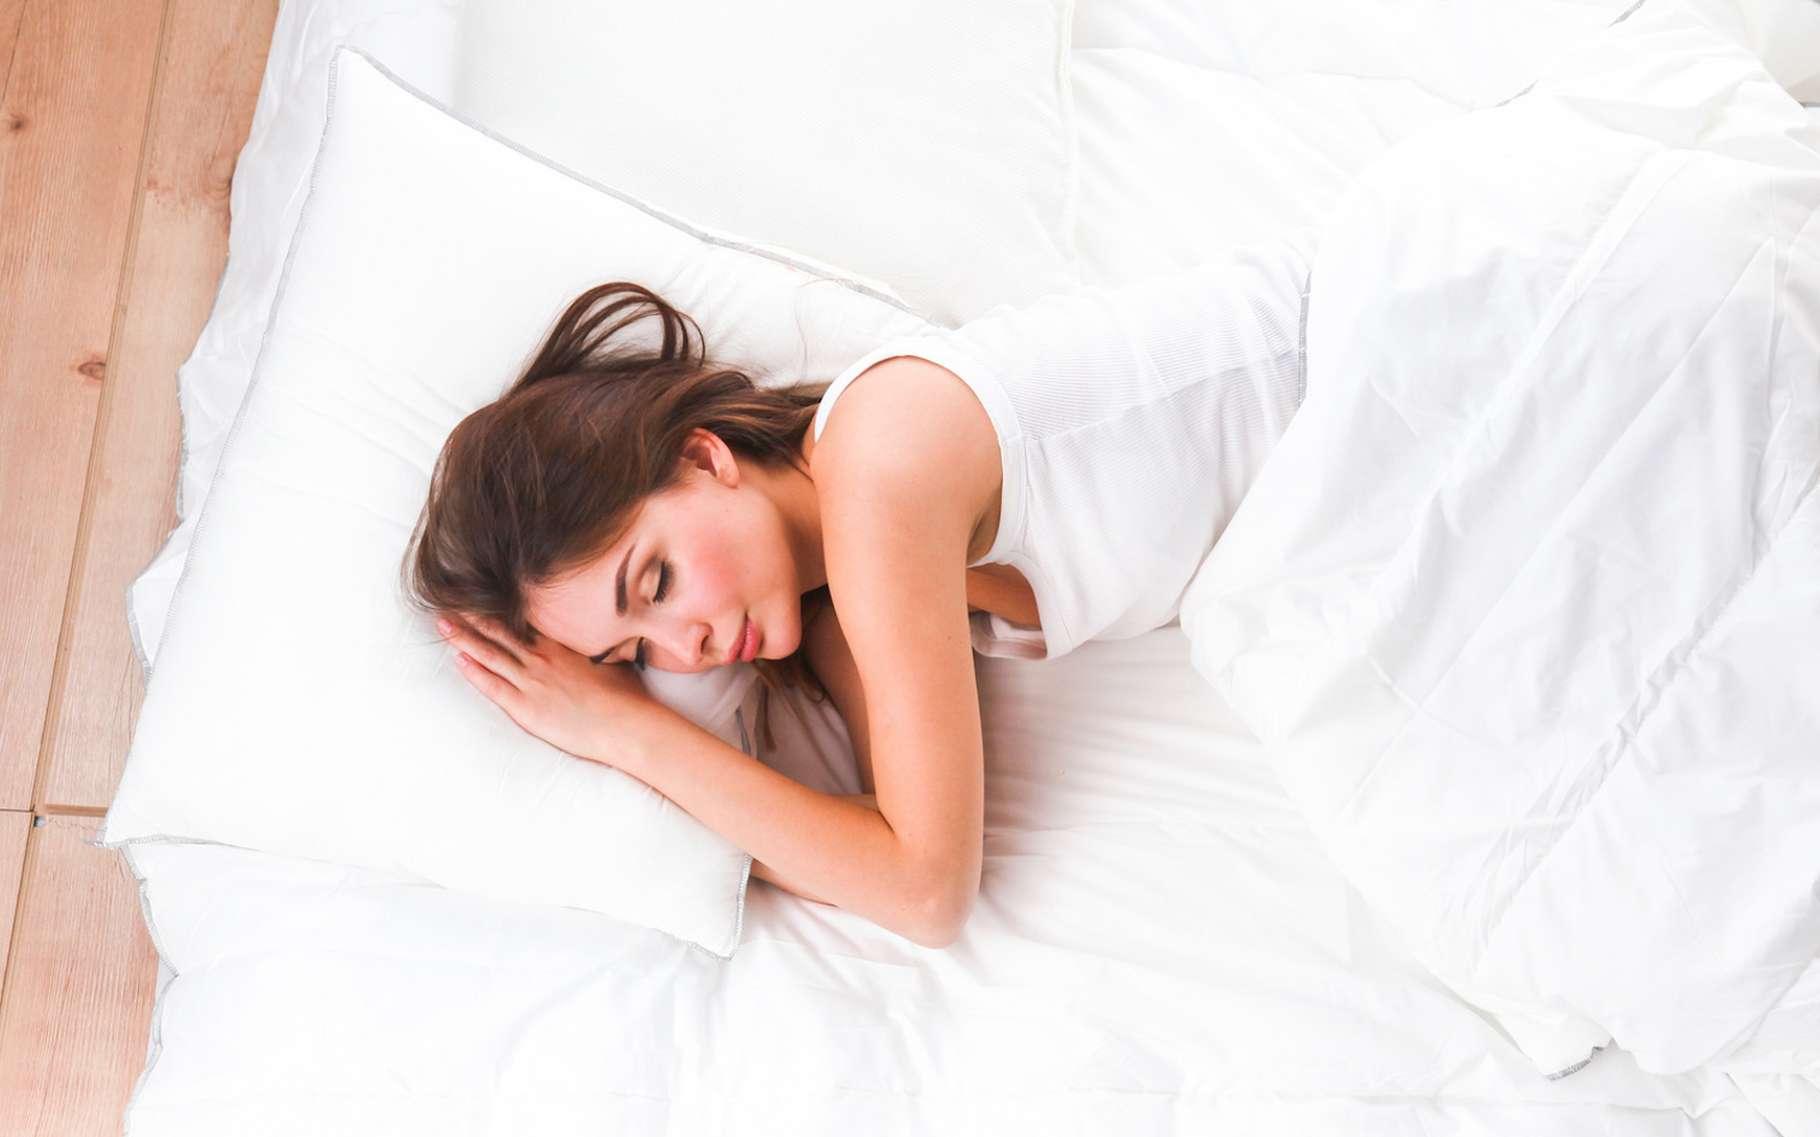 En matière de santé cardiovasculaire, ne sous-estimez pas l'importance d'une bonne nuit de sommeil. C'est la recommandation des chercheurs de l'université du Colorado. © lenets_tan, Fotolia